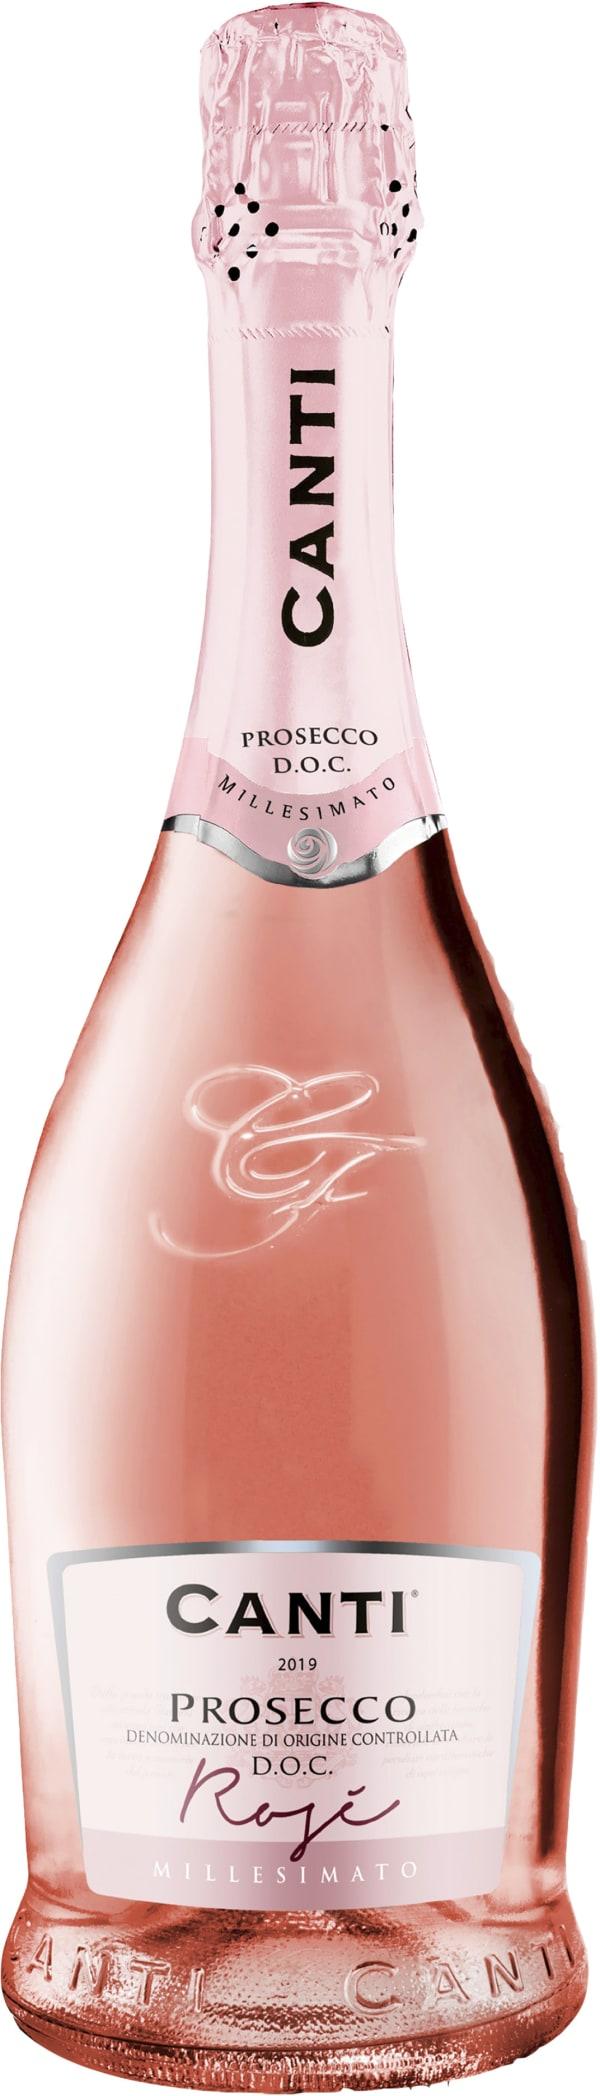 Canti Millesimato Prosecco Rosé Extra Dry 2019